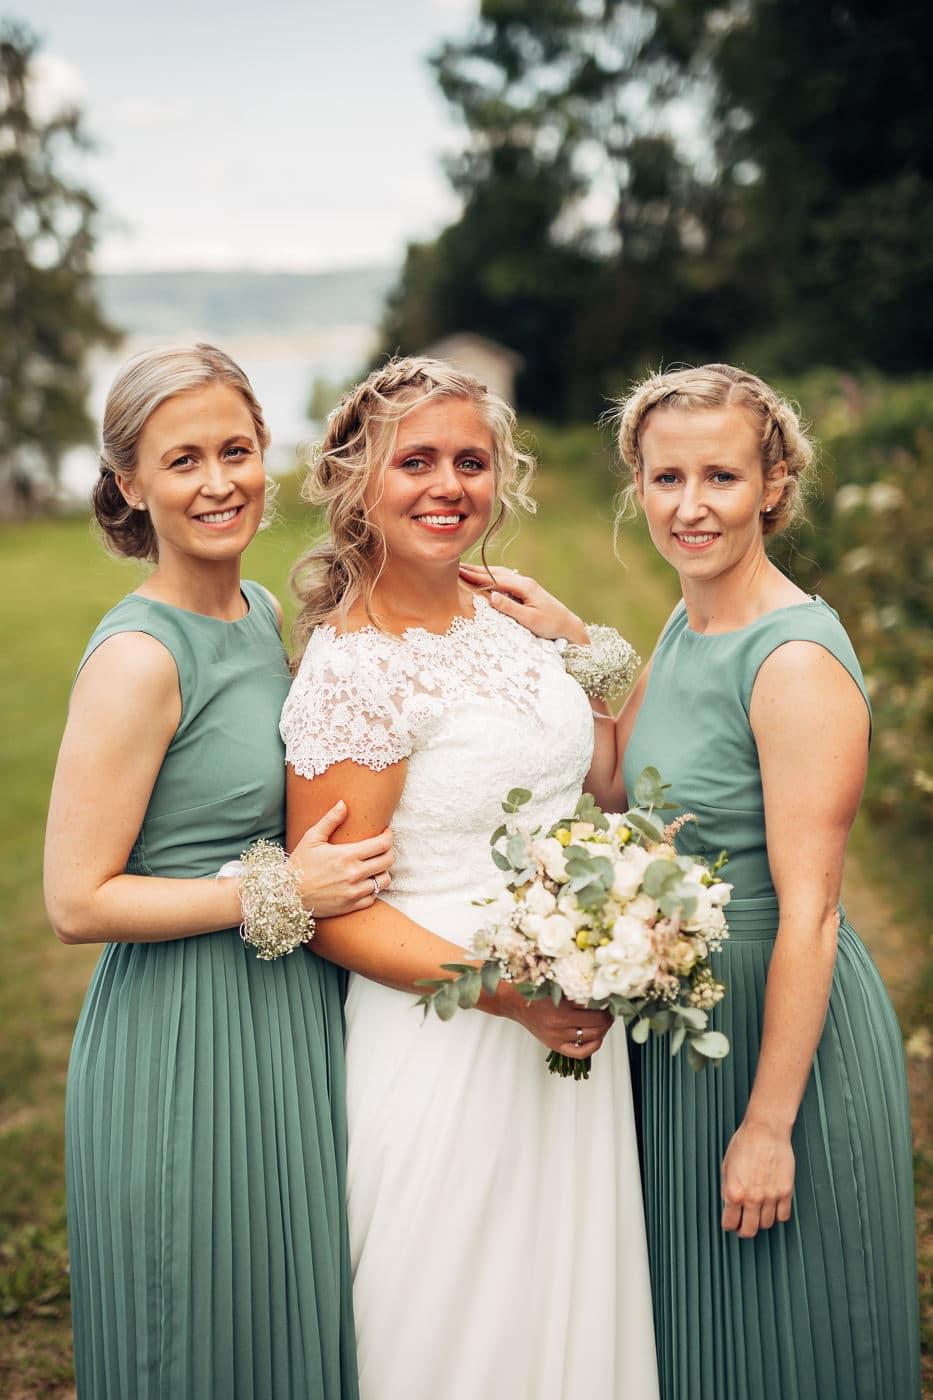 Linn & Frank - rørende og vakkert låvebryllup i Minnesund Bryllupsbilder Minnesund Eidsvoll 54 Brudepar